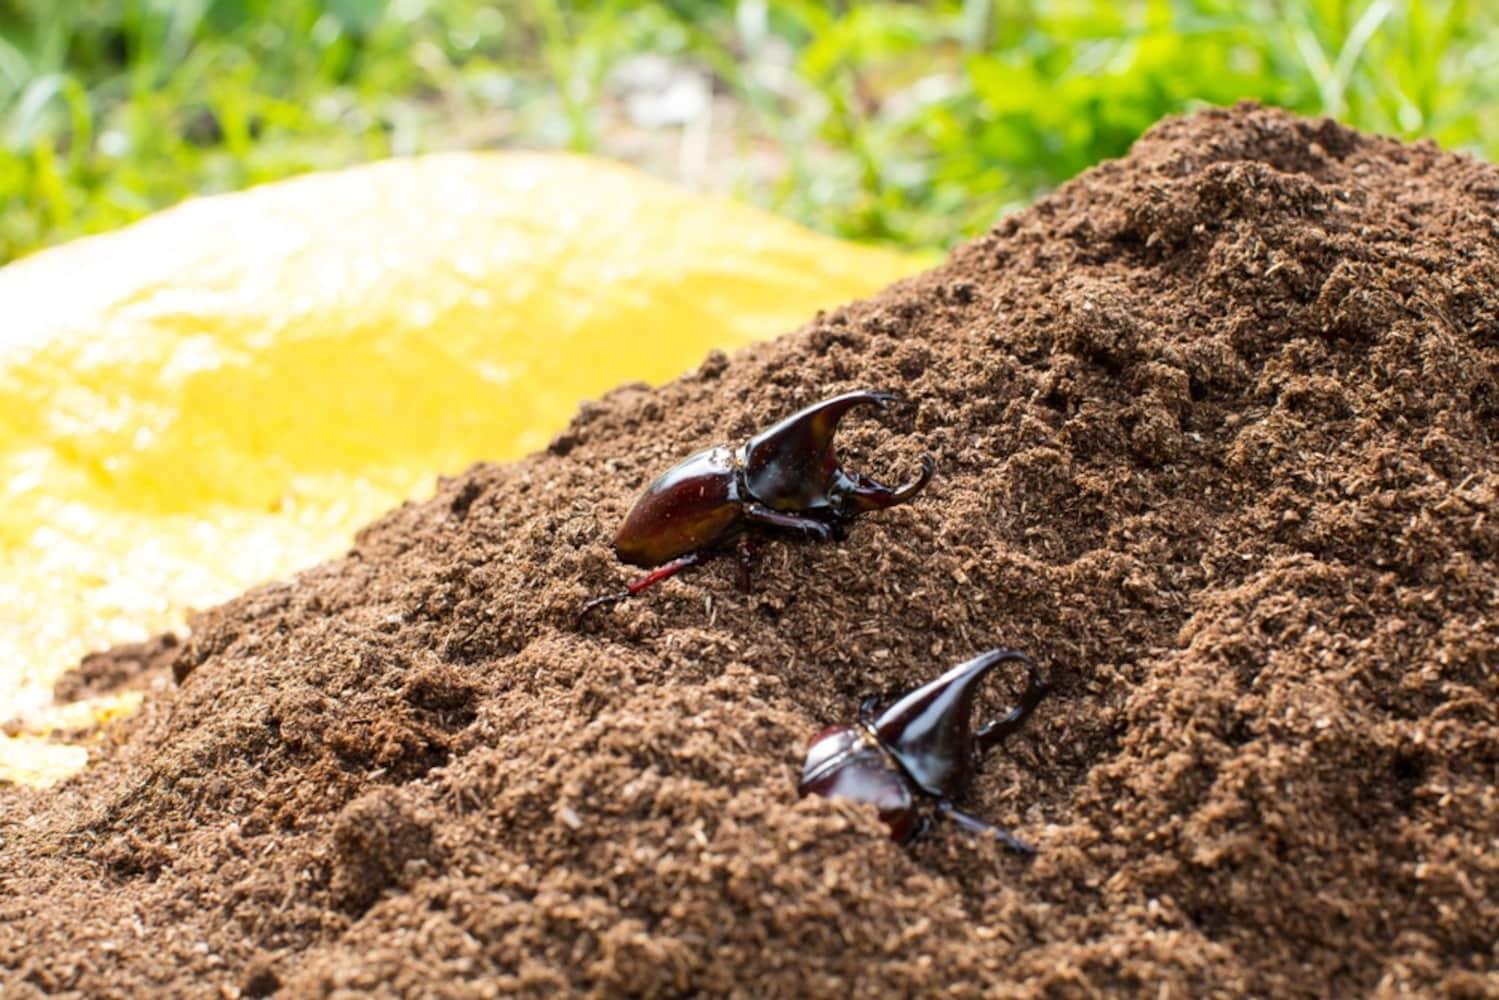 効果|土の防寒対策や、雑草・菌の増加を予防できる